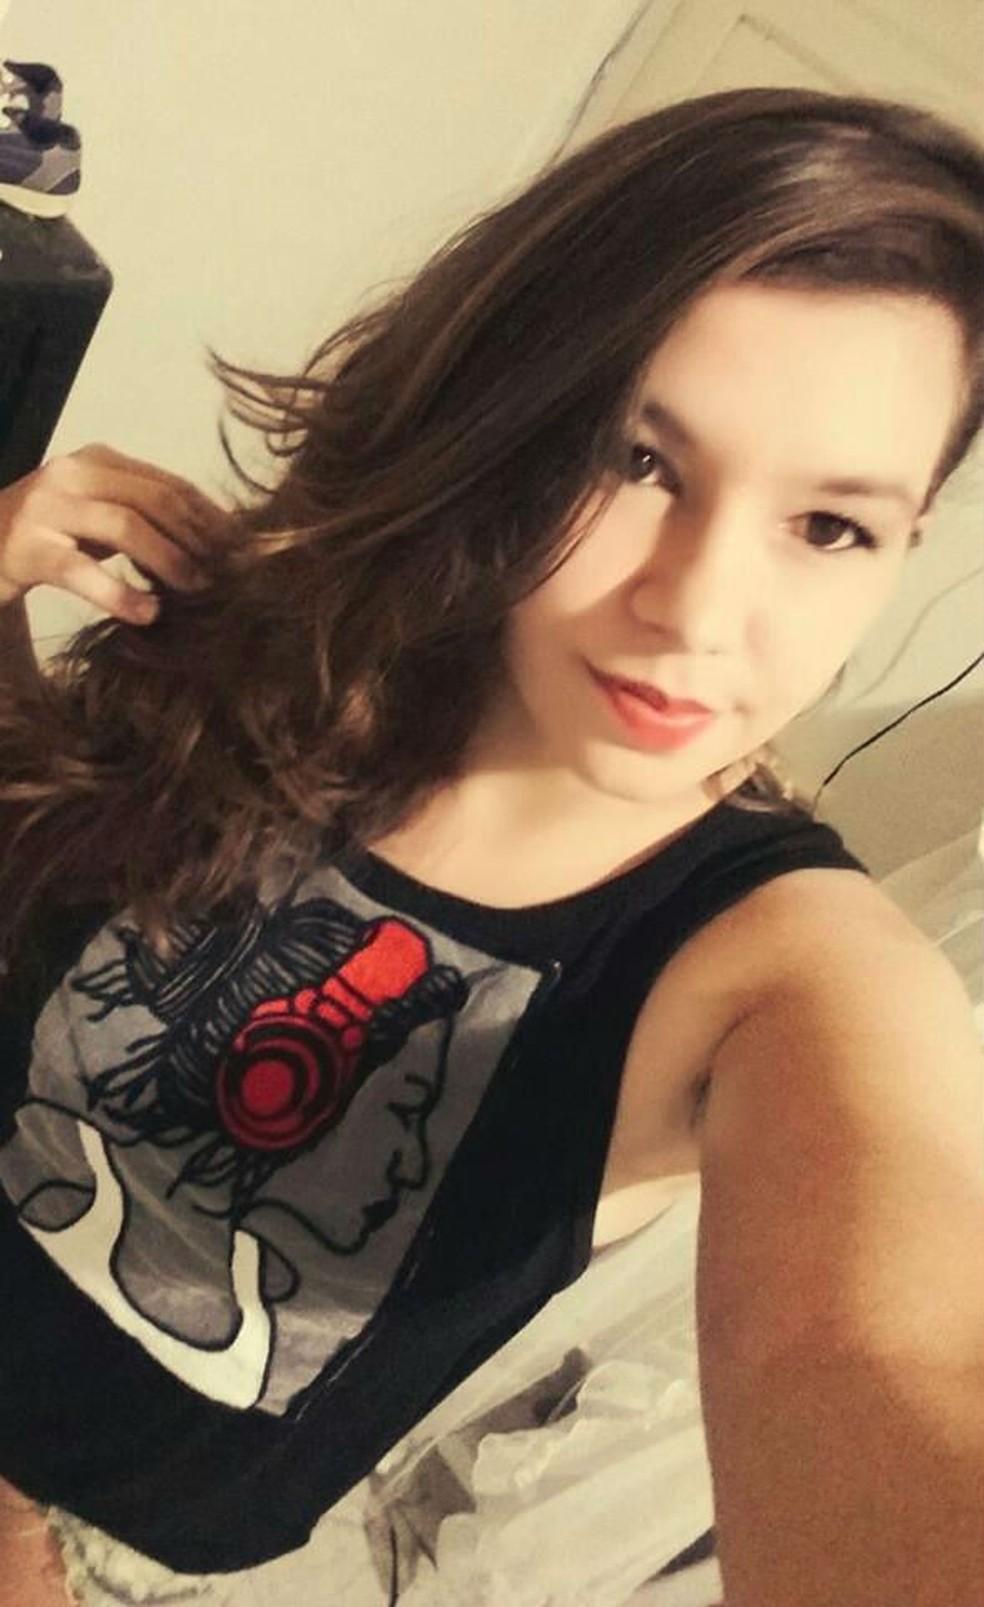 Itamara, de 22 anos, estava a caminho do trabalho quando aconteceu o acidente (Foto: Reprodução/Facebook)